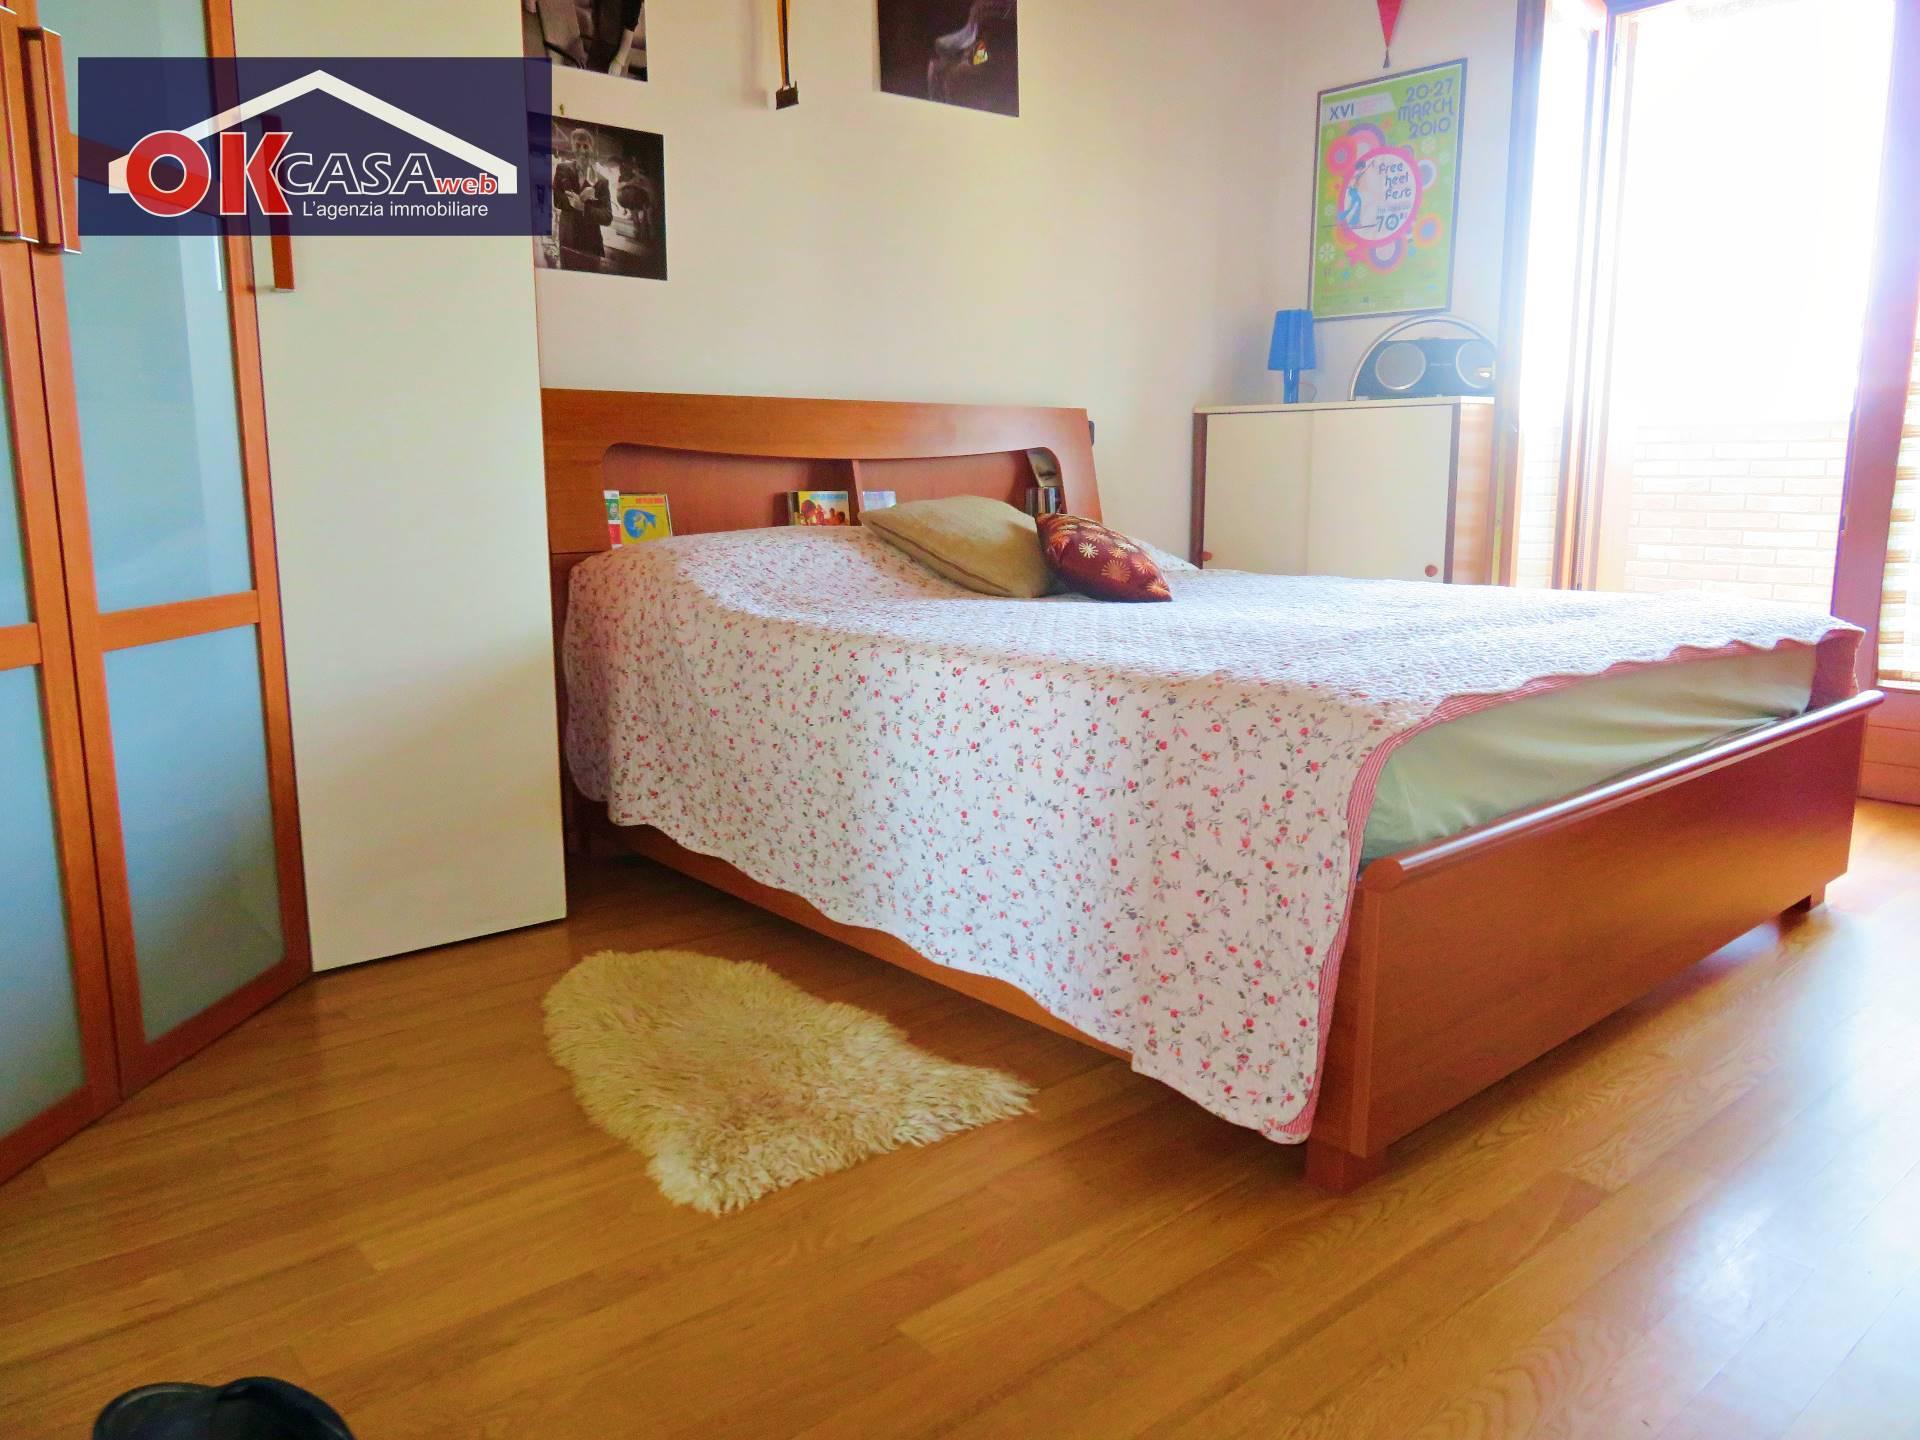 Appartamento in vendita a Fiumicello, 4 locali, zona Zona: Papariano, prezzo € 135.000 | CambioCasa.it